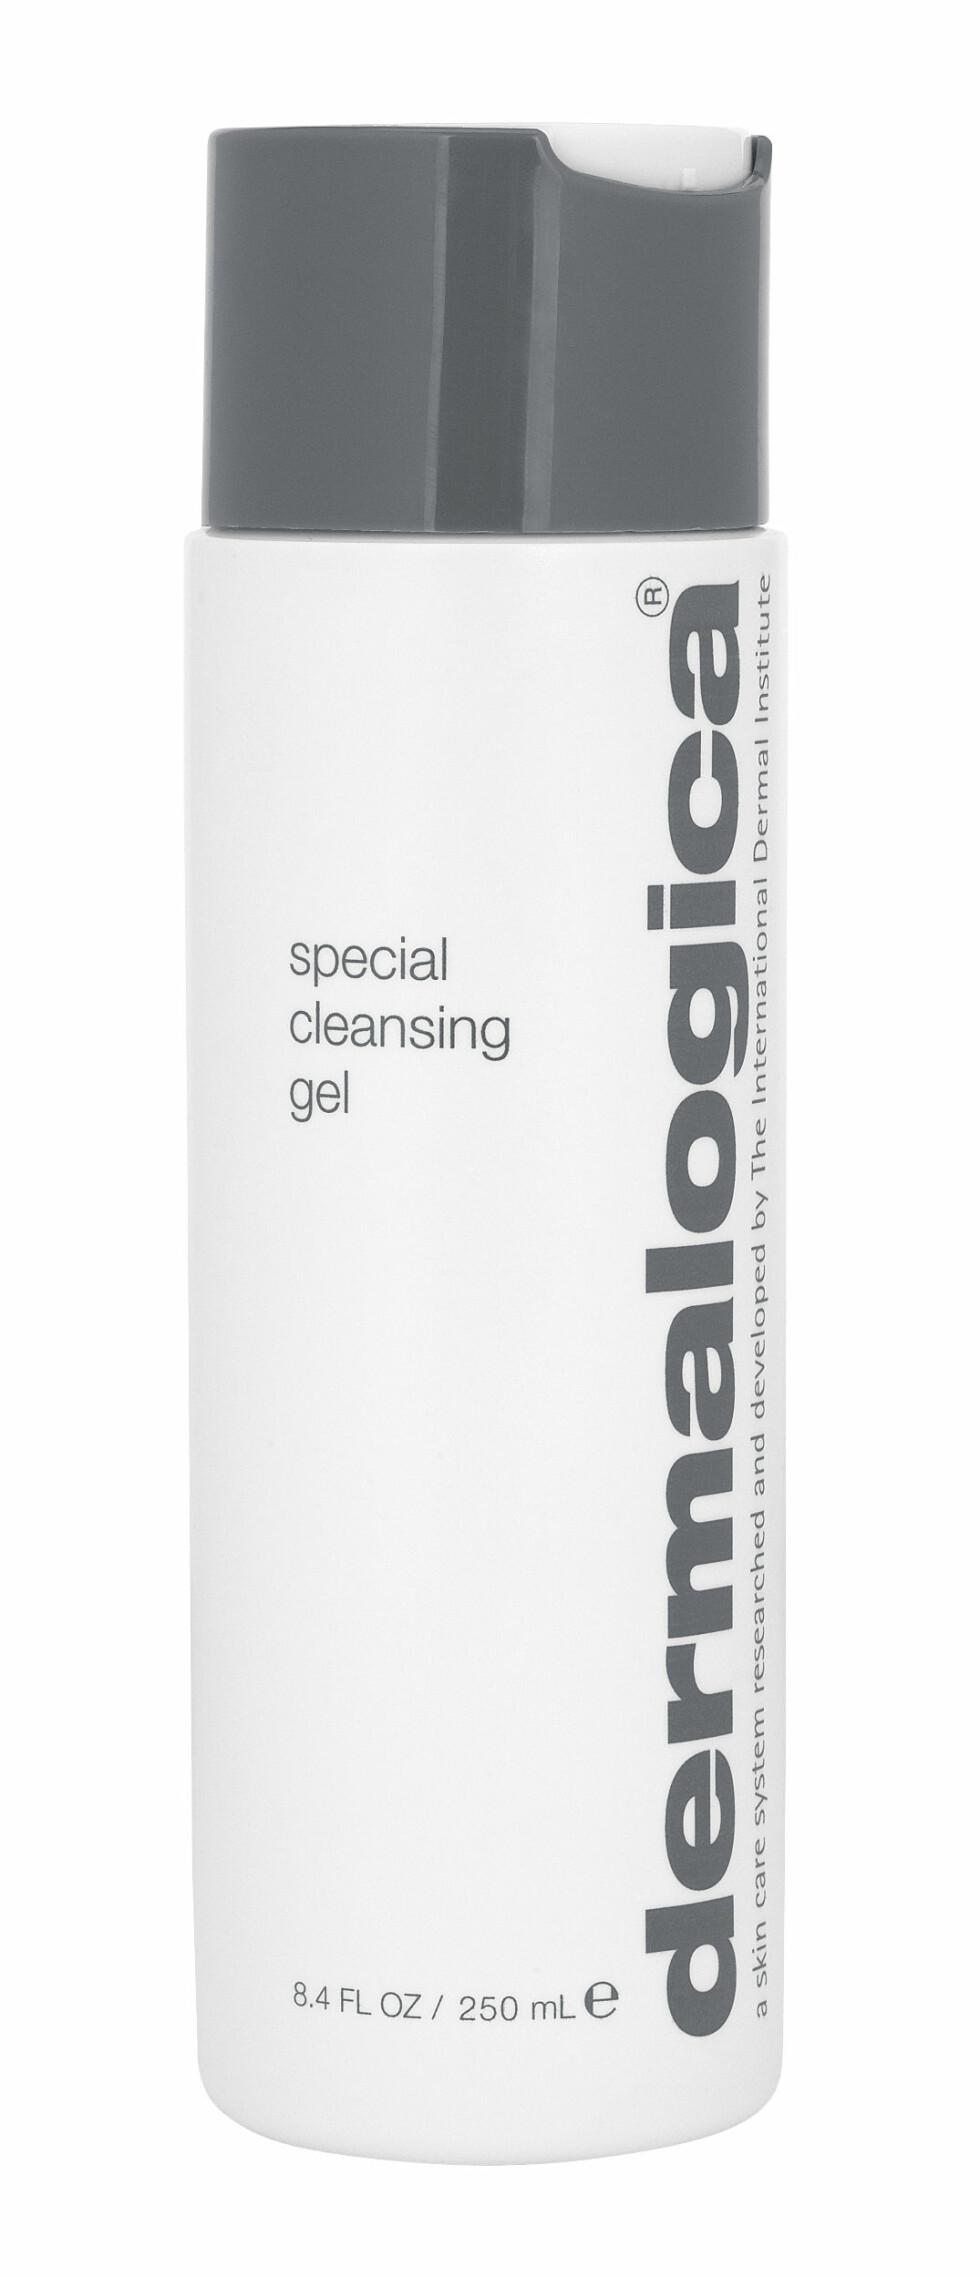 Special Cleansing Gel fra Dermalogica er en såpefri rensegelé som skummer vekk urenheter uten å tørke ut huden. Passer for deg med normal eller kombinasjonshud, altså om du har litt tørrere kinn og fetere T-sone, kr 350. Foto: Produsenten